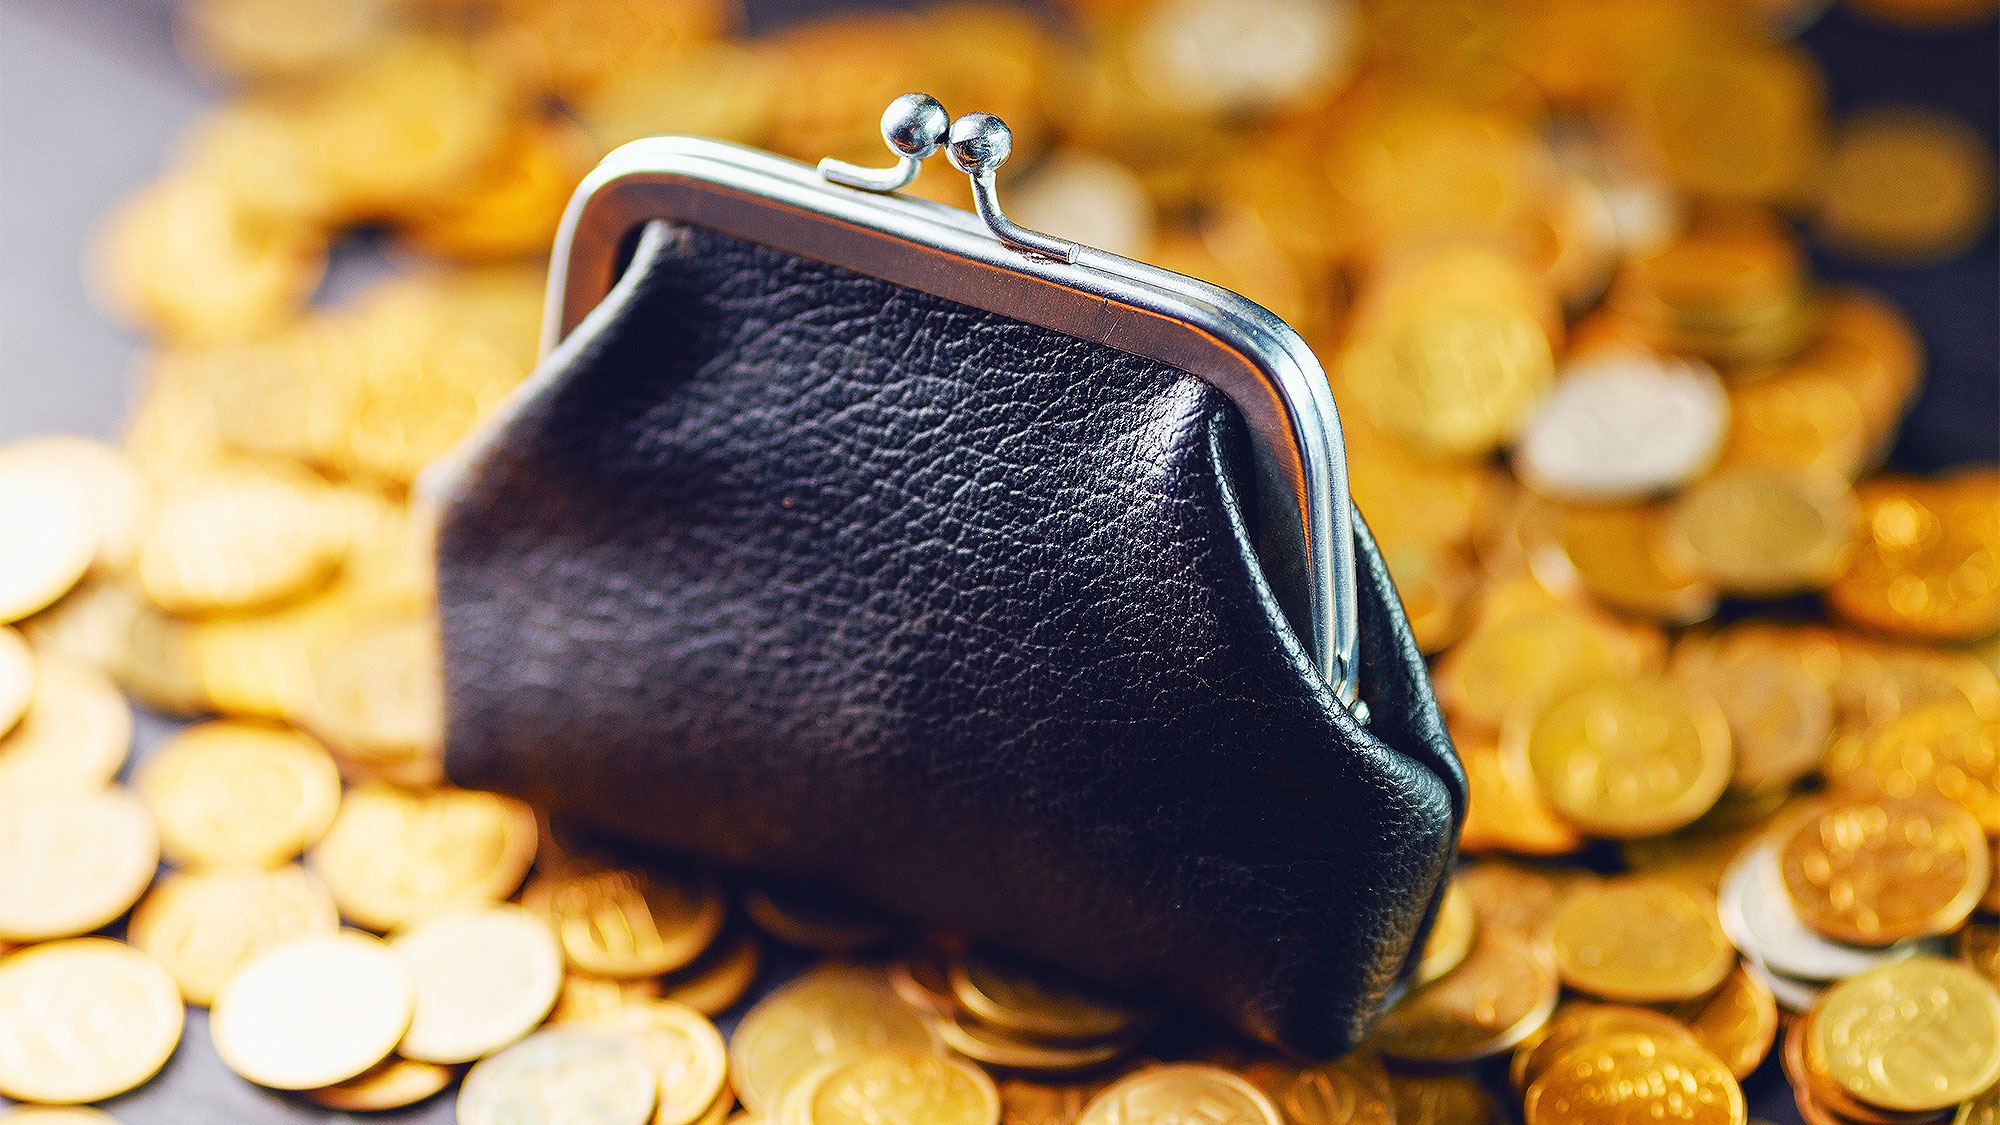 С 1 апреля повысят пенсии и доплаты: кто станет получать больше